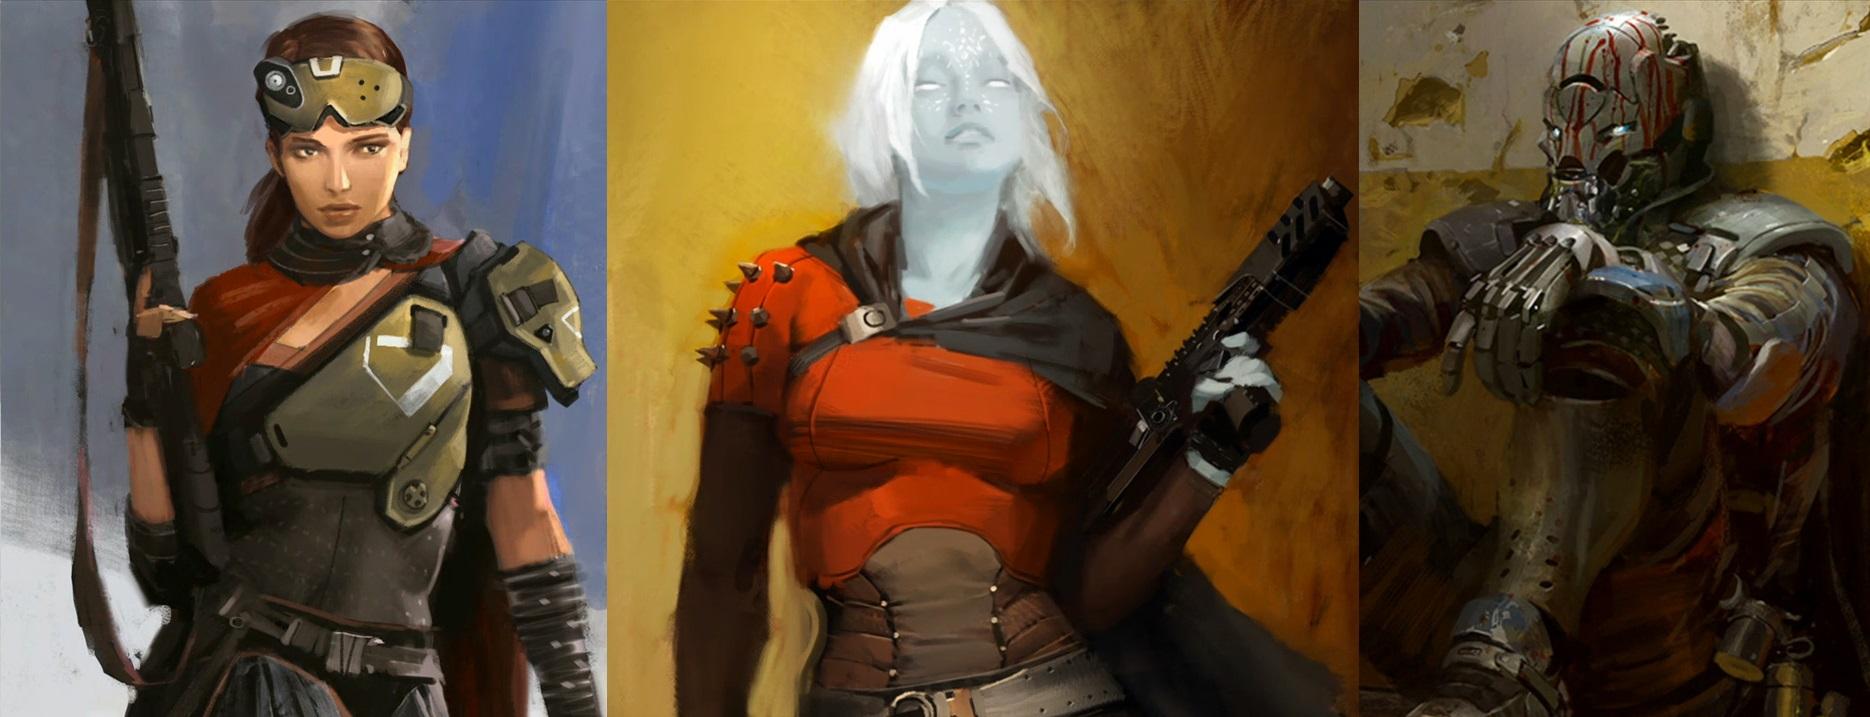 Destiny 2 guide: How to get a Sparrow - Polygon  |Destiny Game Races